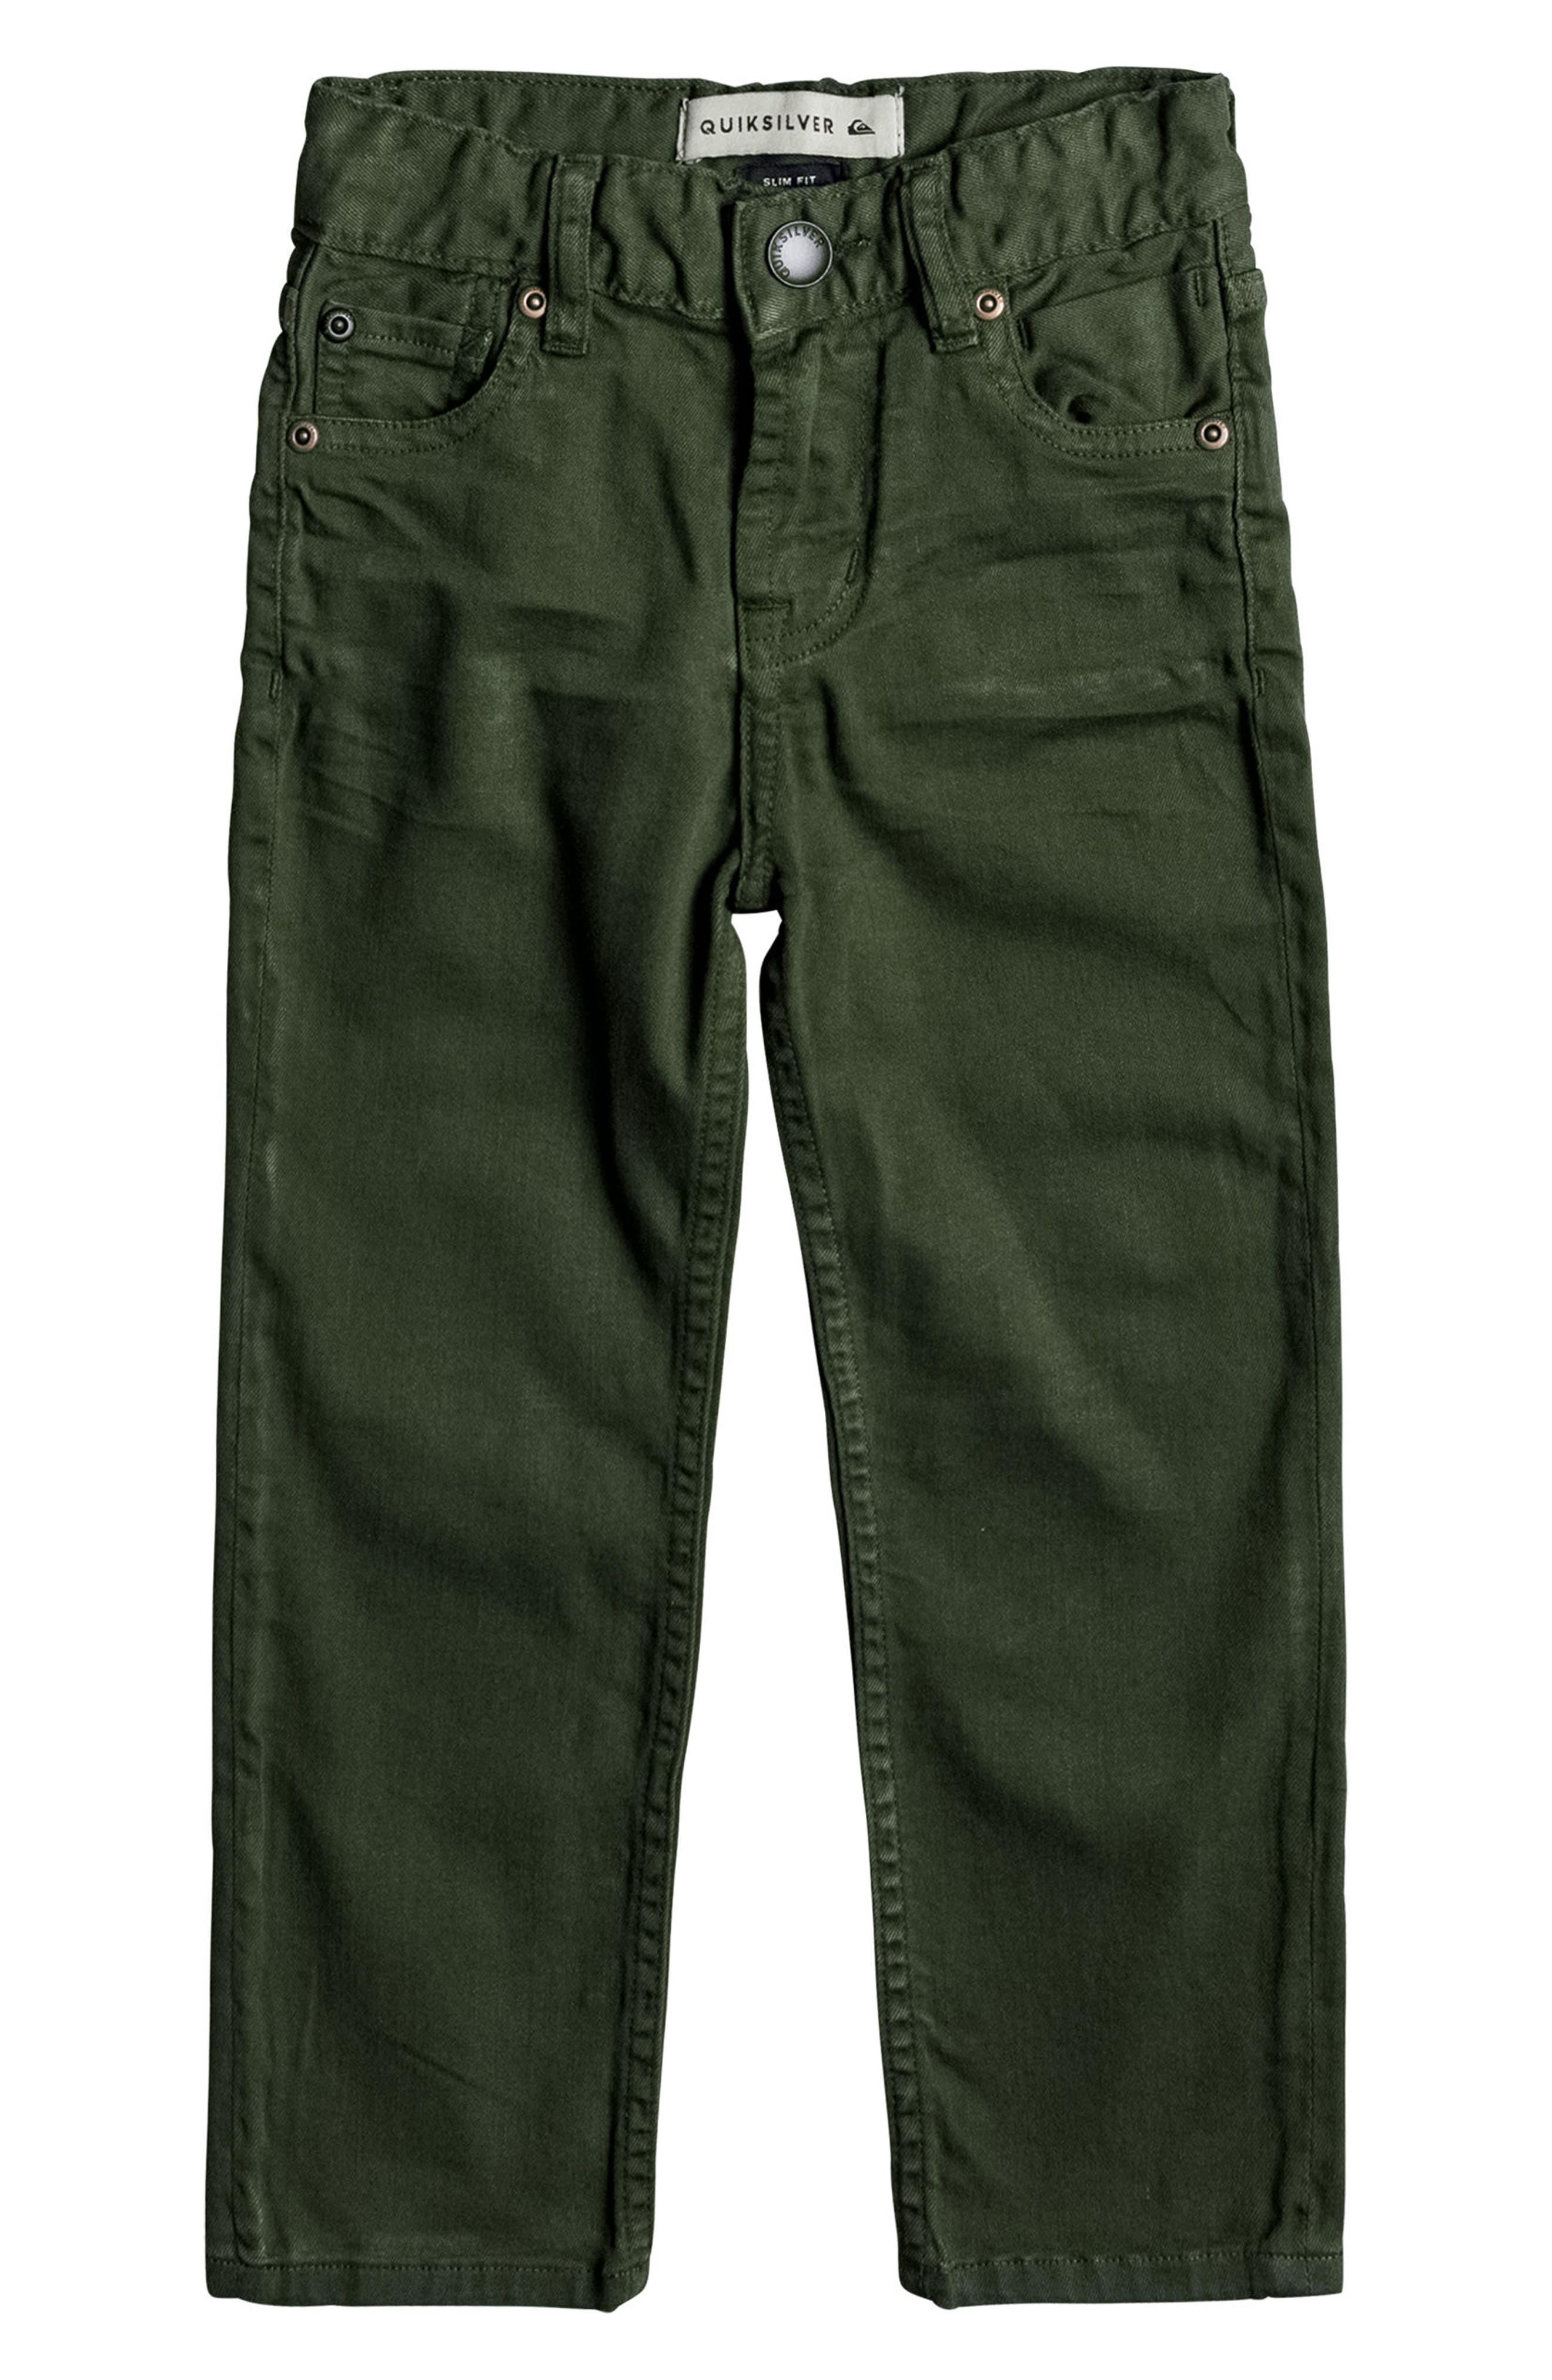 Quiksilver Distorsion Slim Fit Jeans (Toddler Boys & Little Boys)